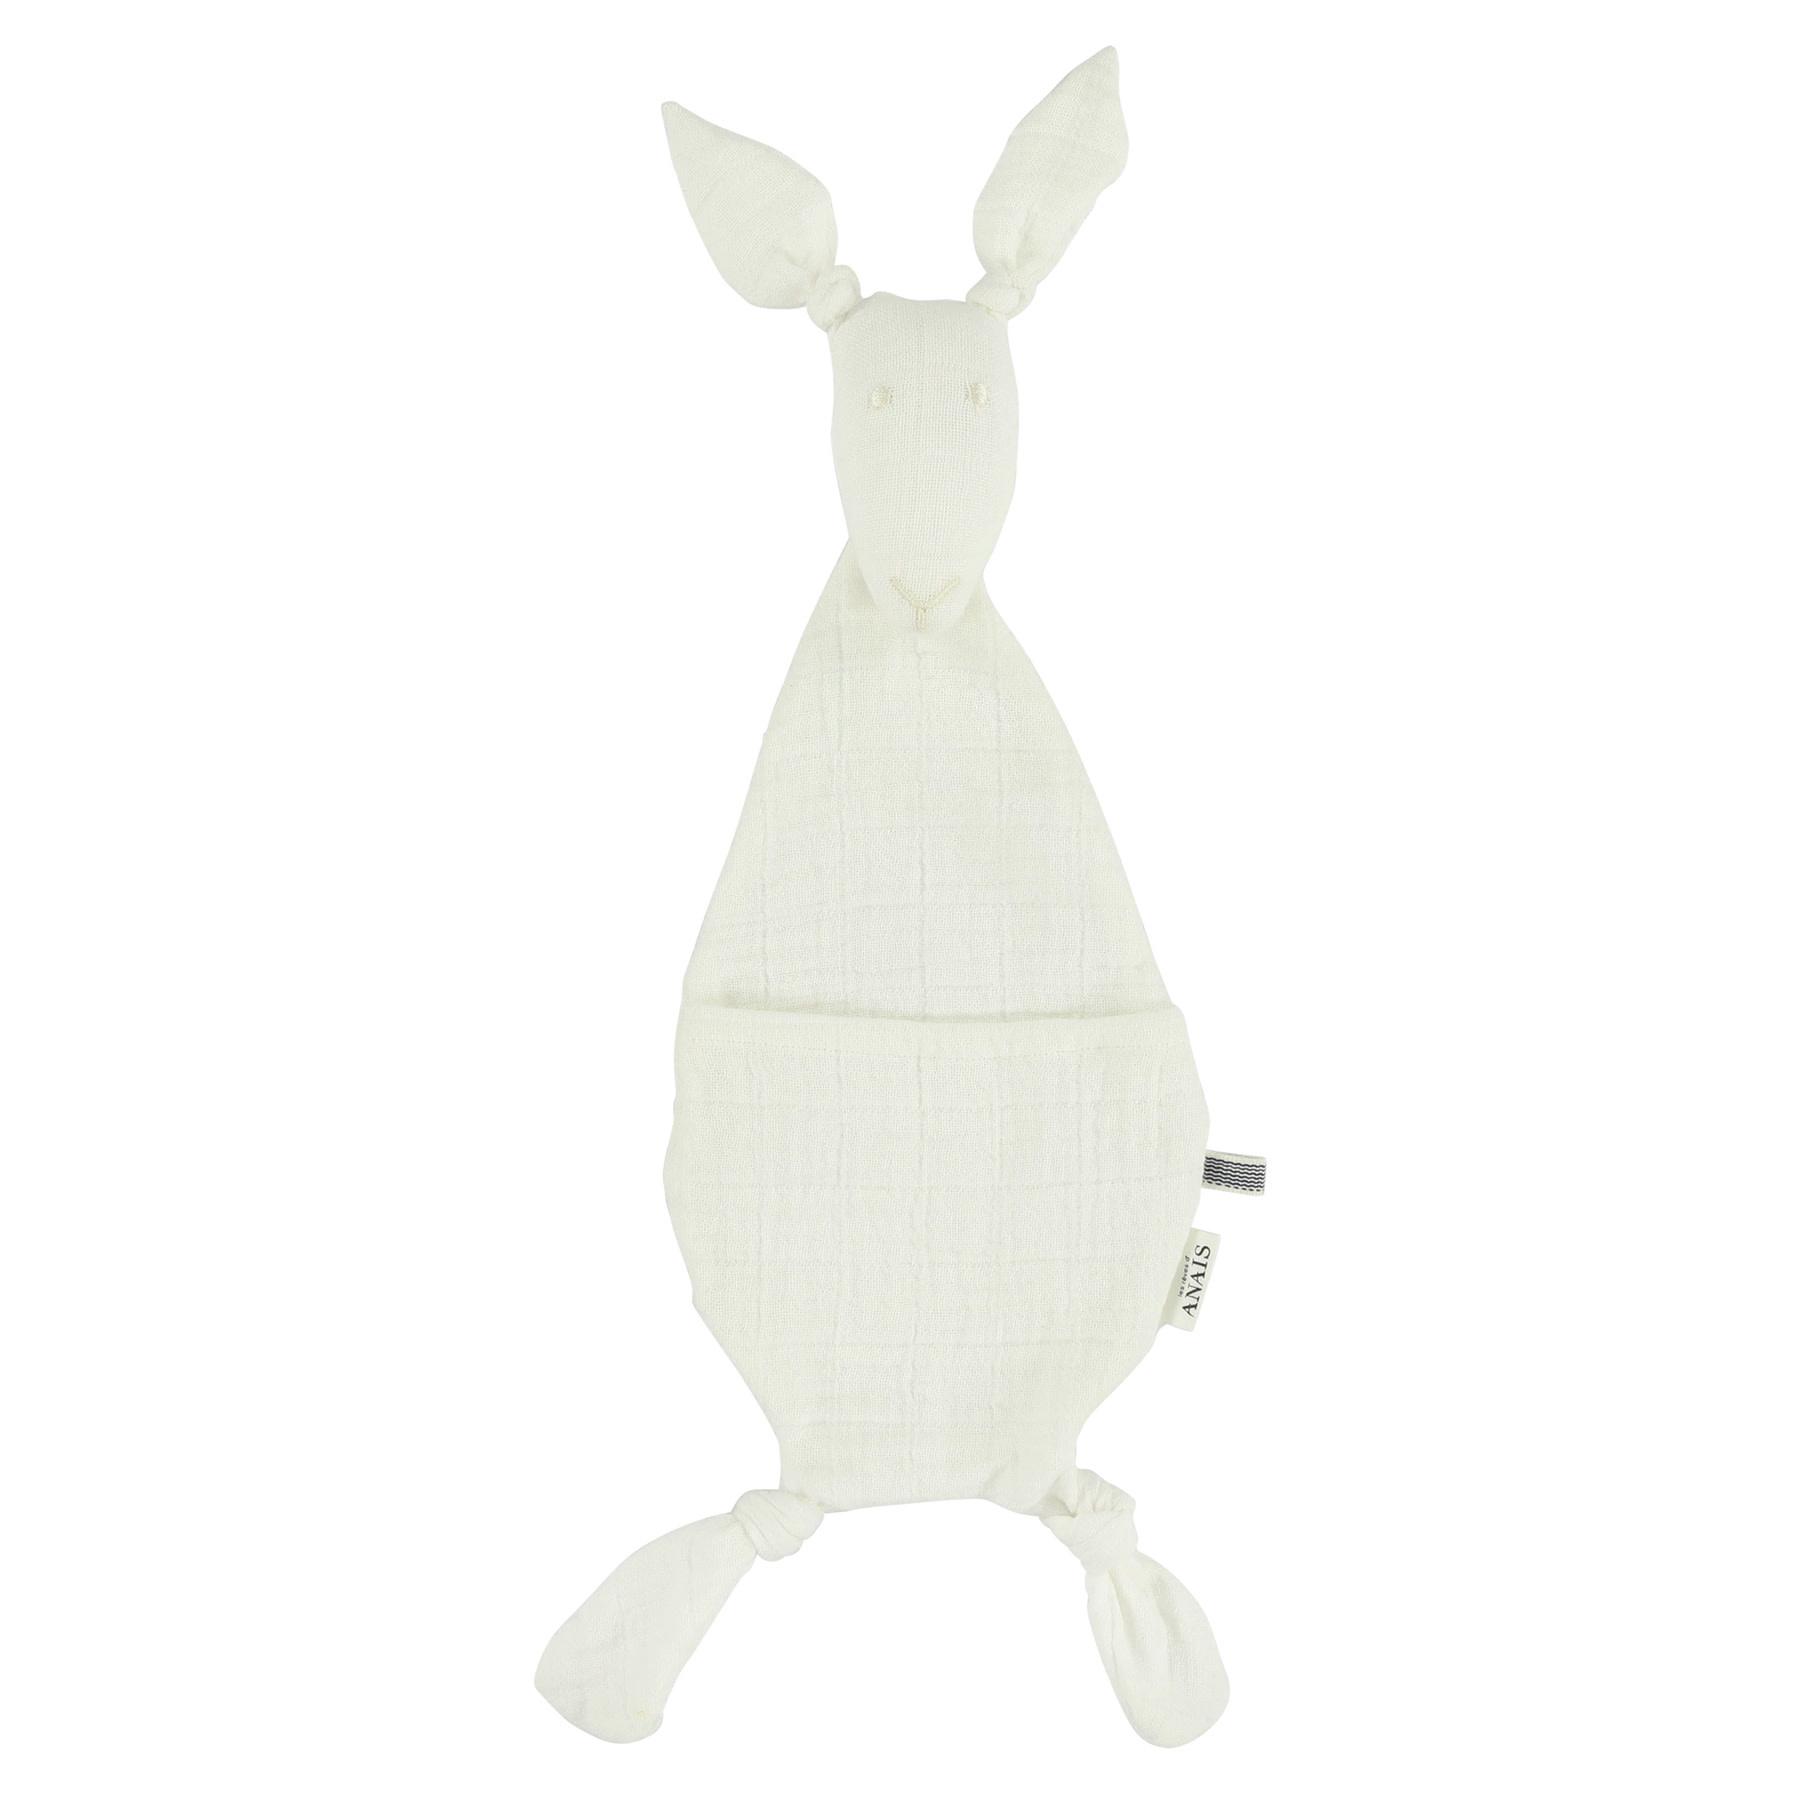 Fopspeendoekje kangoeroe bliss white-1